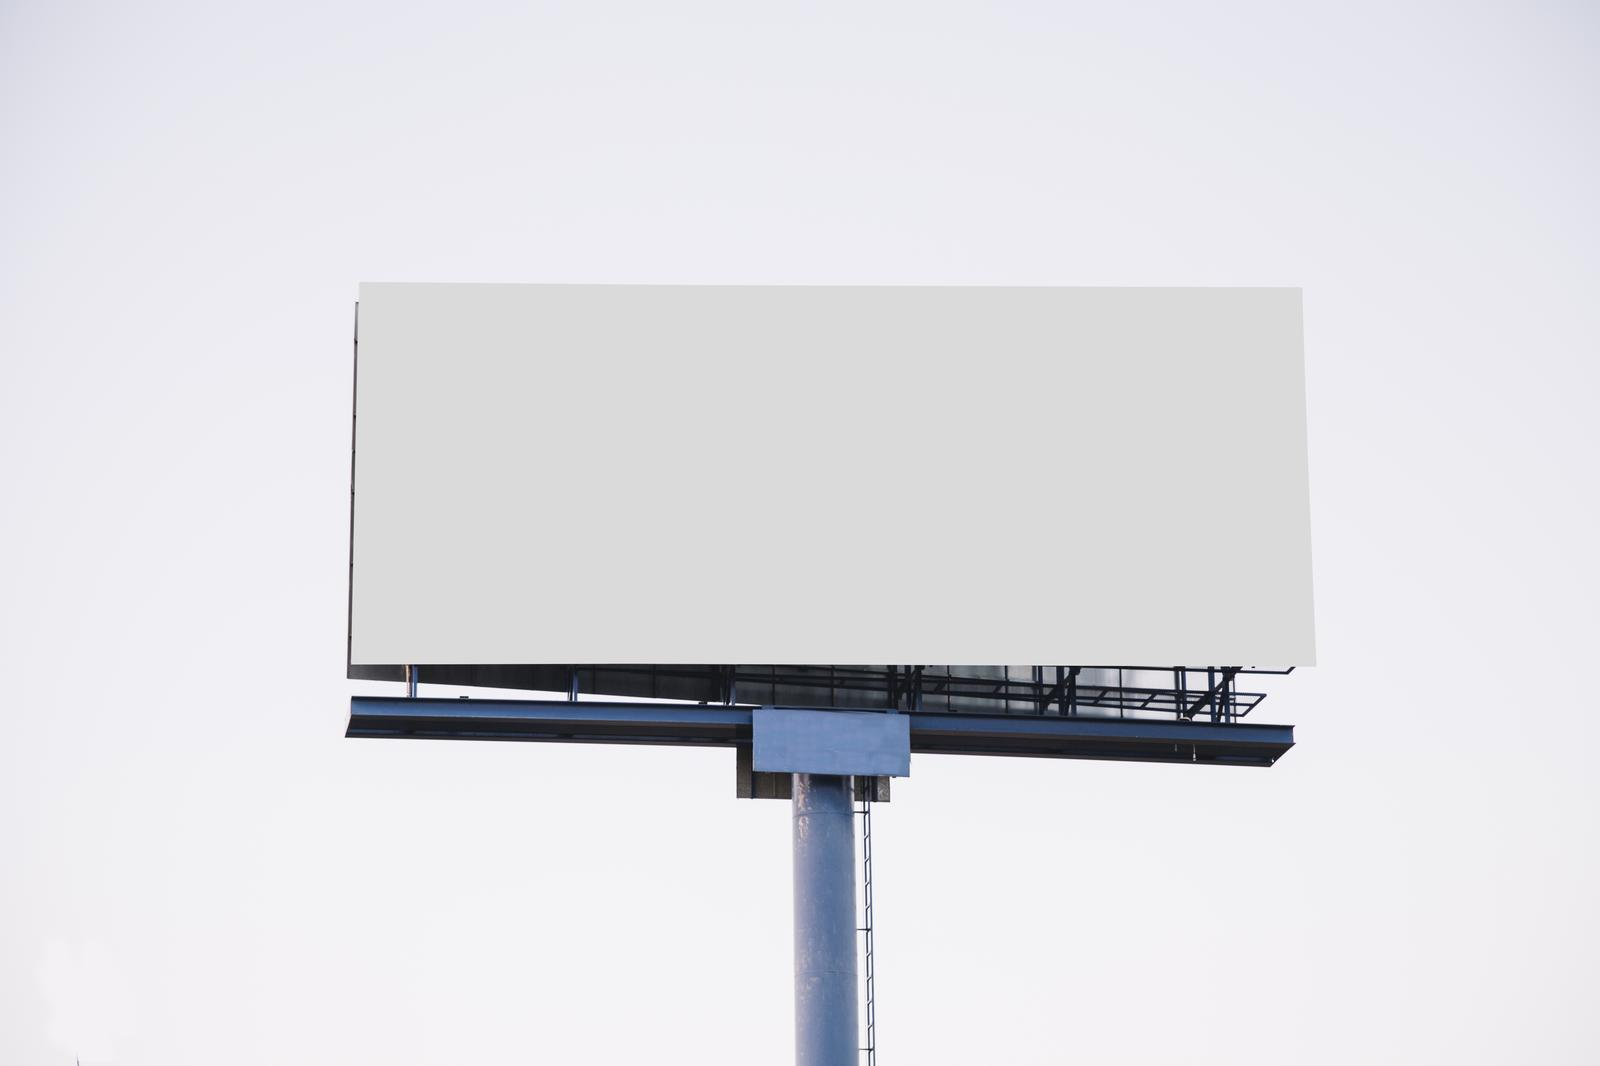 Advertising agencies in Estonia